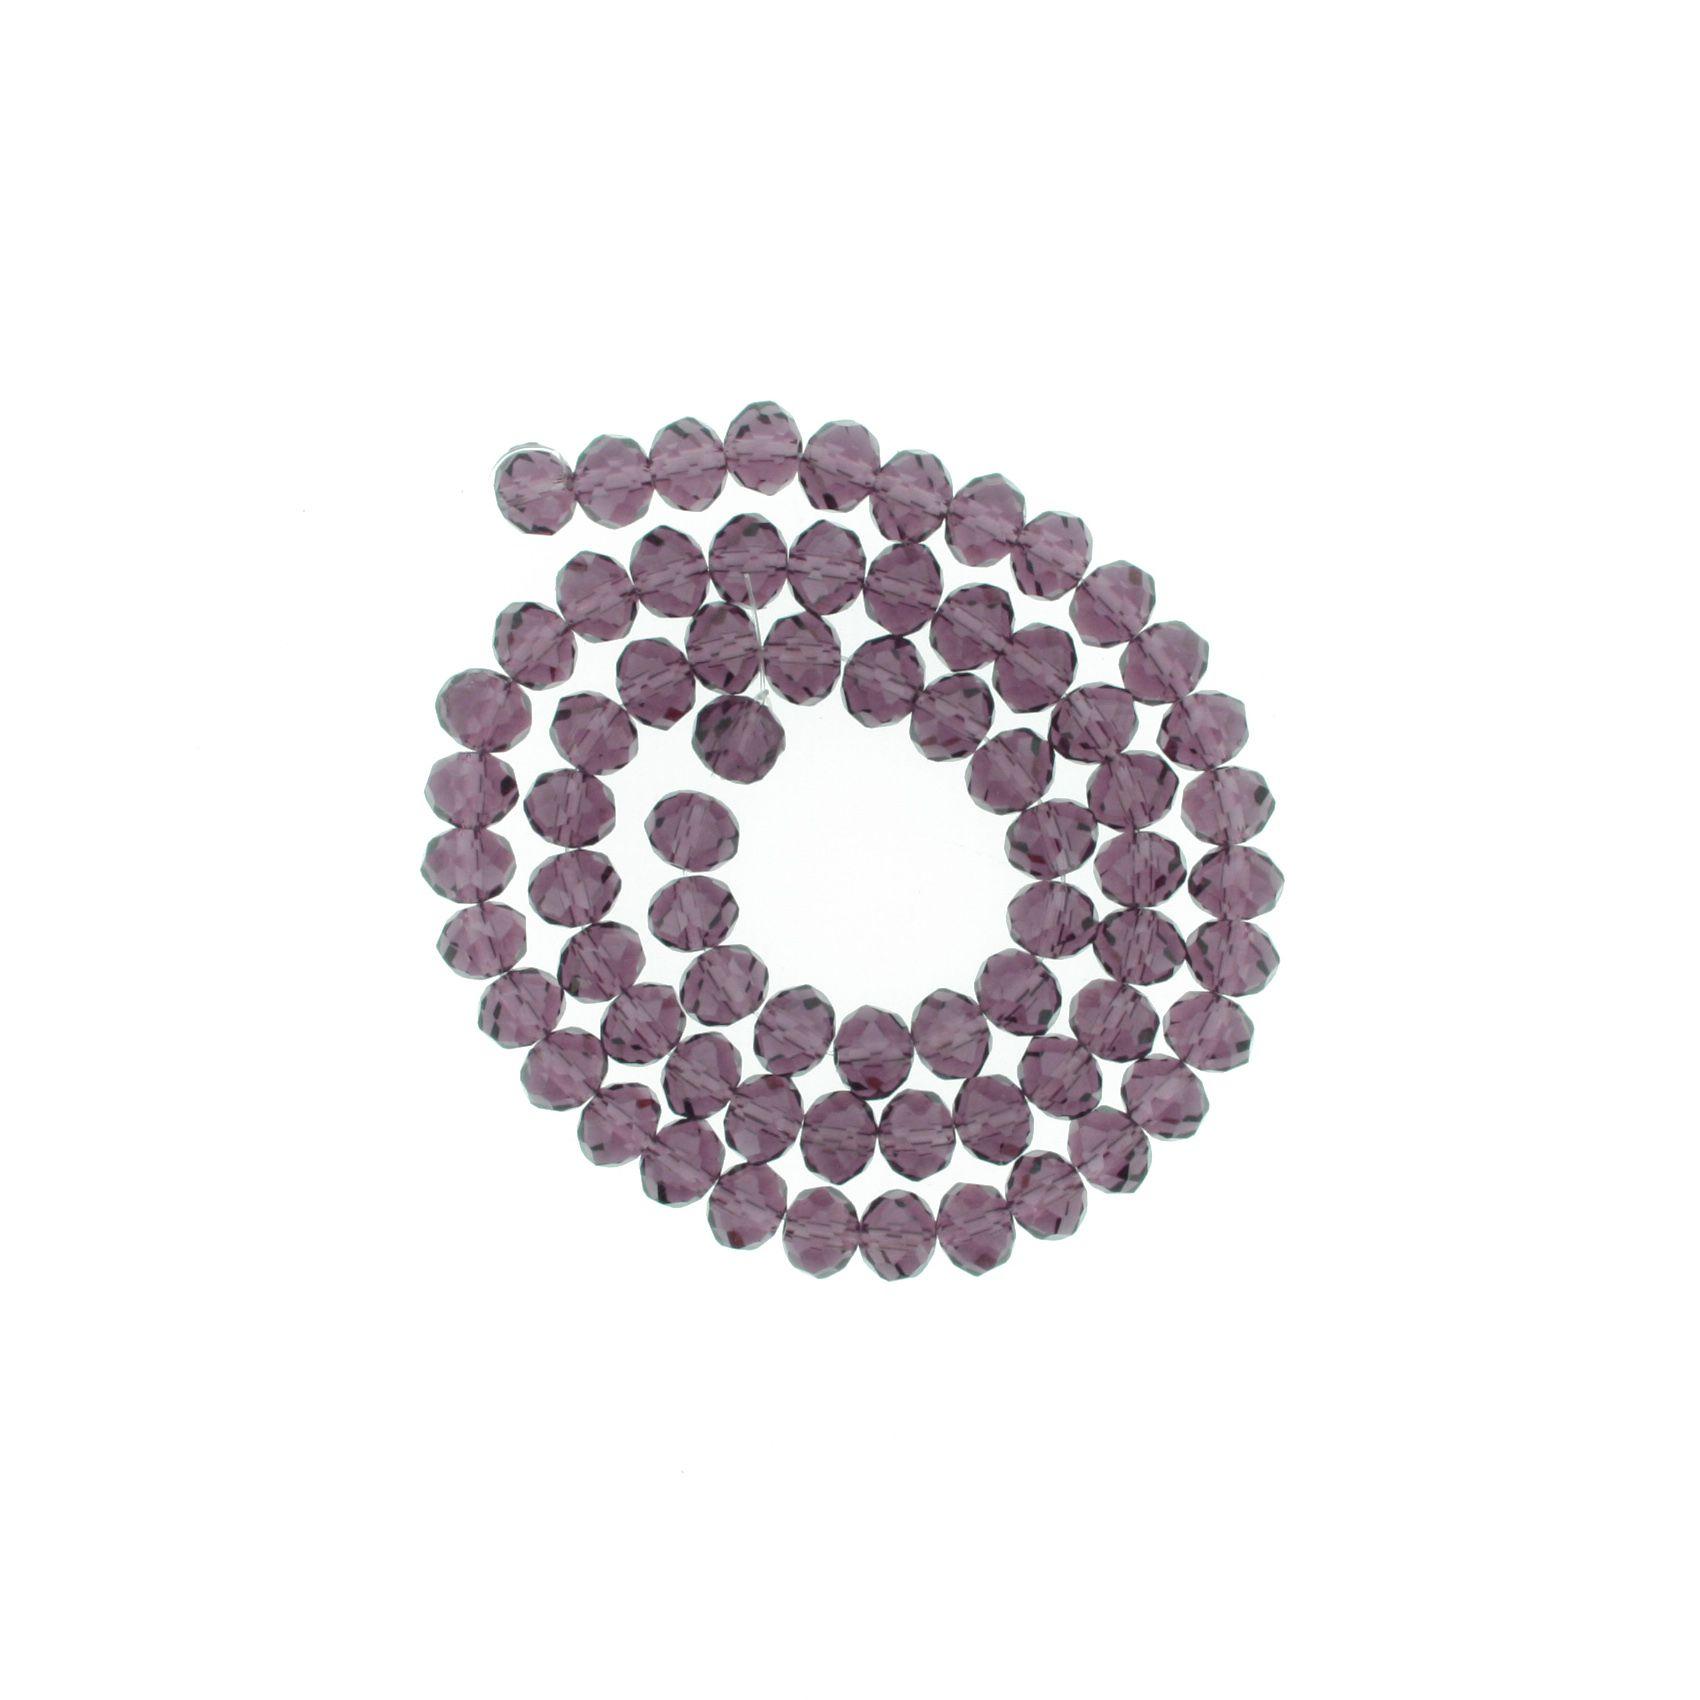 Fio de Cristal - Piatto® - Roxo Transparente - 8mm  - Universo Religioso® - Artigos de Umbanda e Candomblé